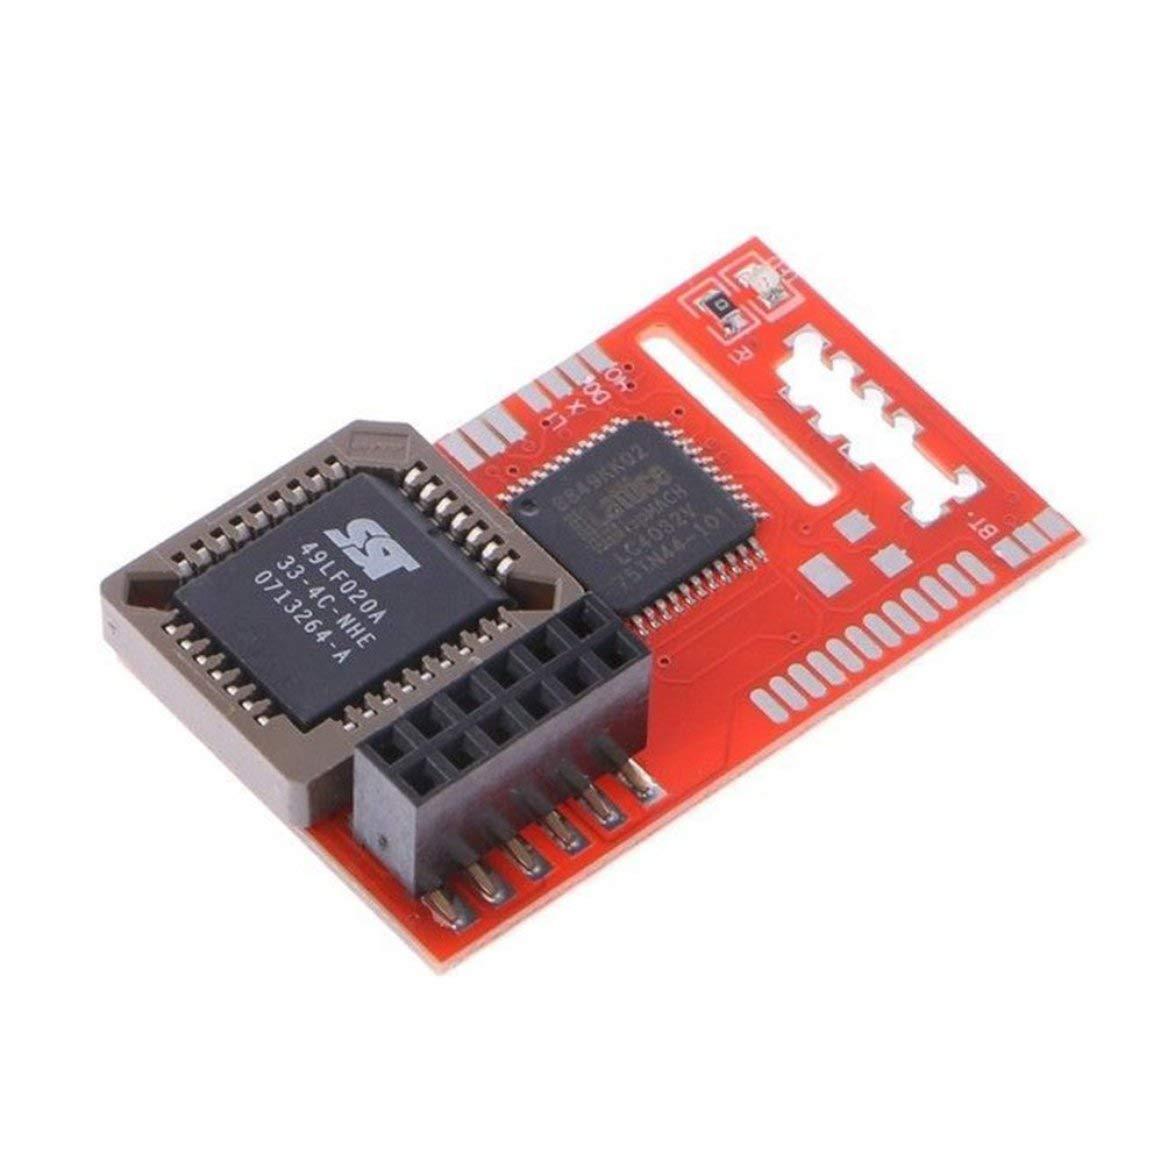 Chip de Mod Kongqiabona para Aladdin XT-4032 Chip de Mod Original legible por m/áquina Adecuado para Xbox